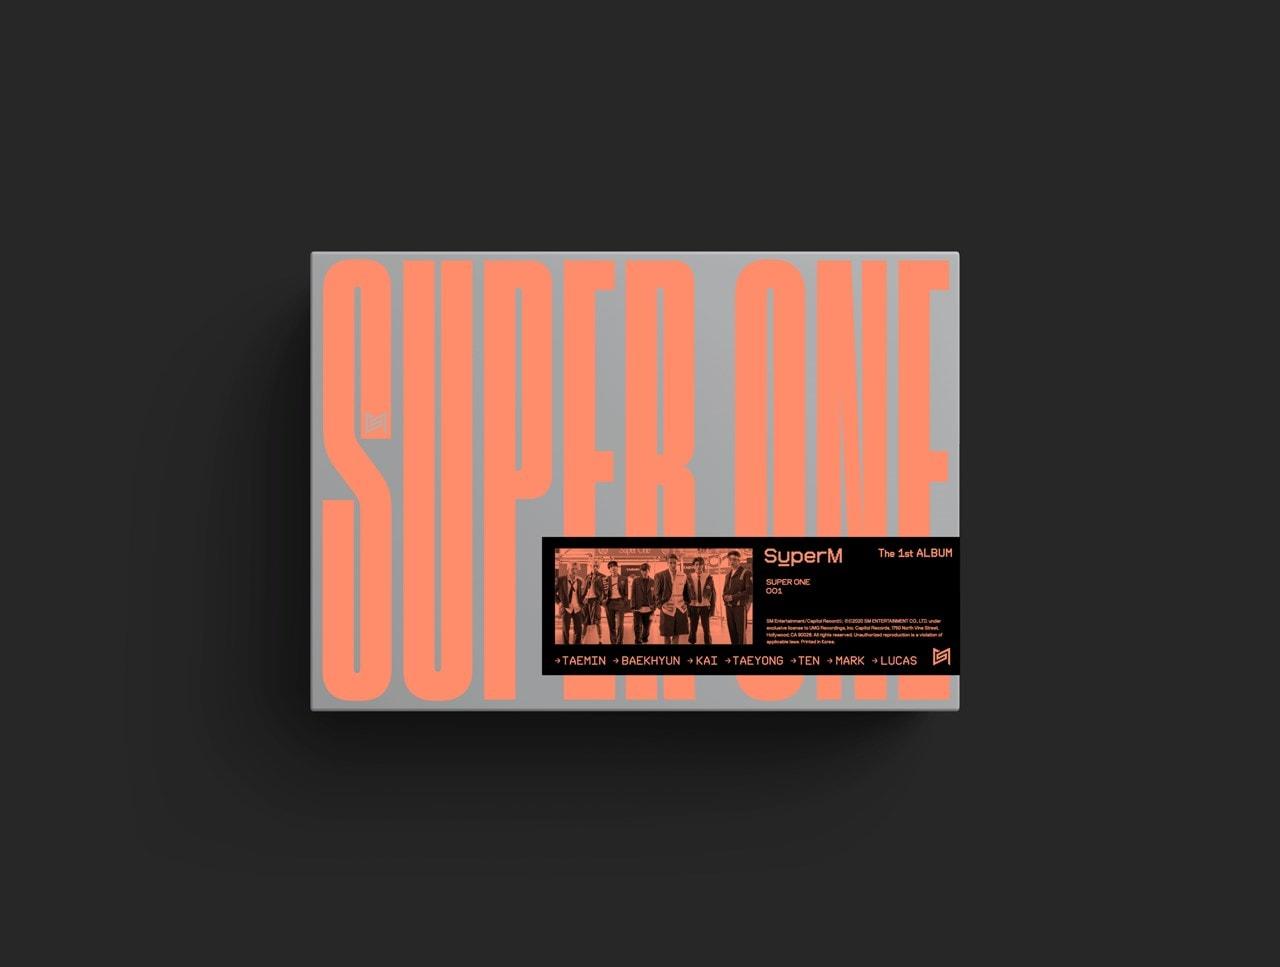 The 1st Album - Super One (Super Ver.) - 1